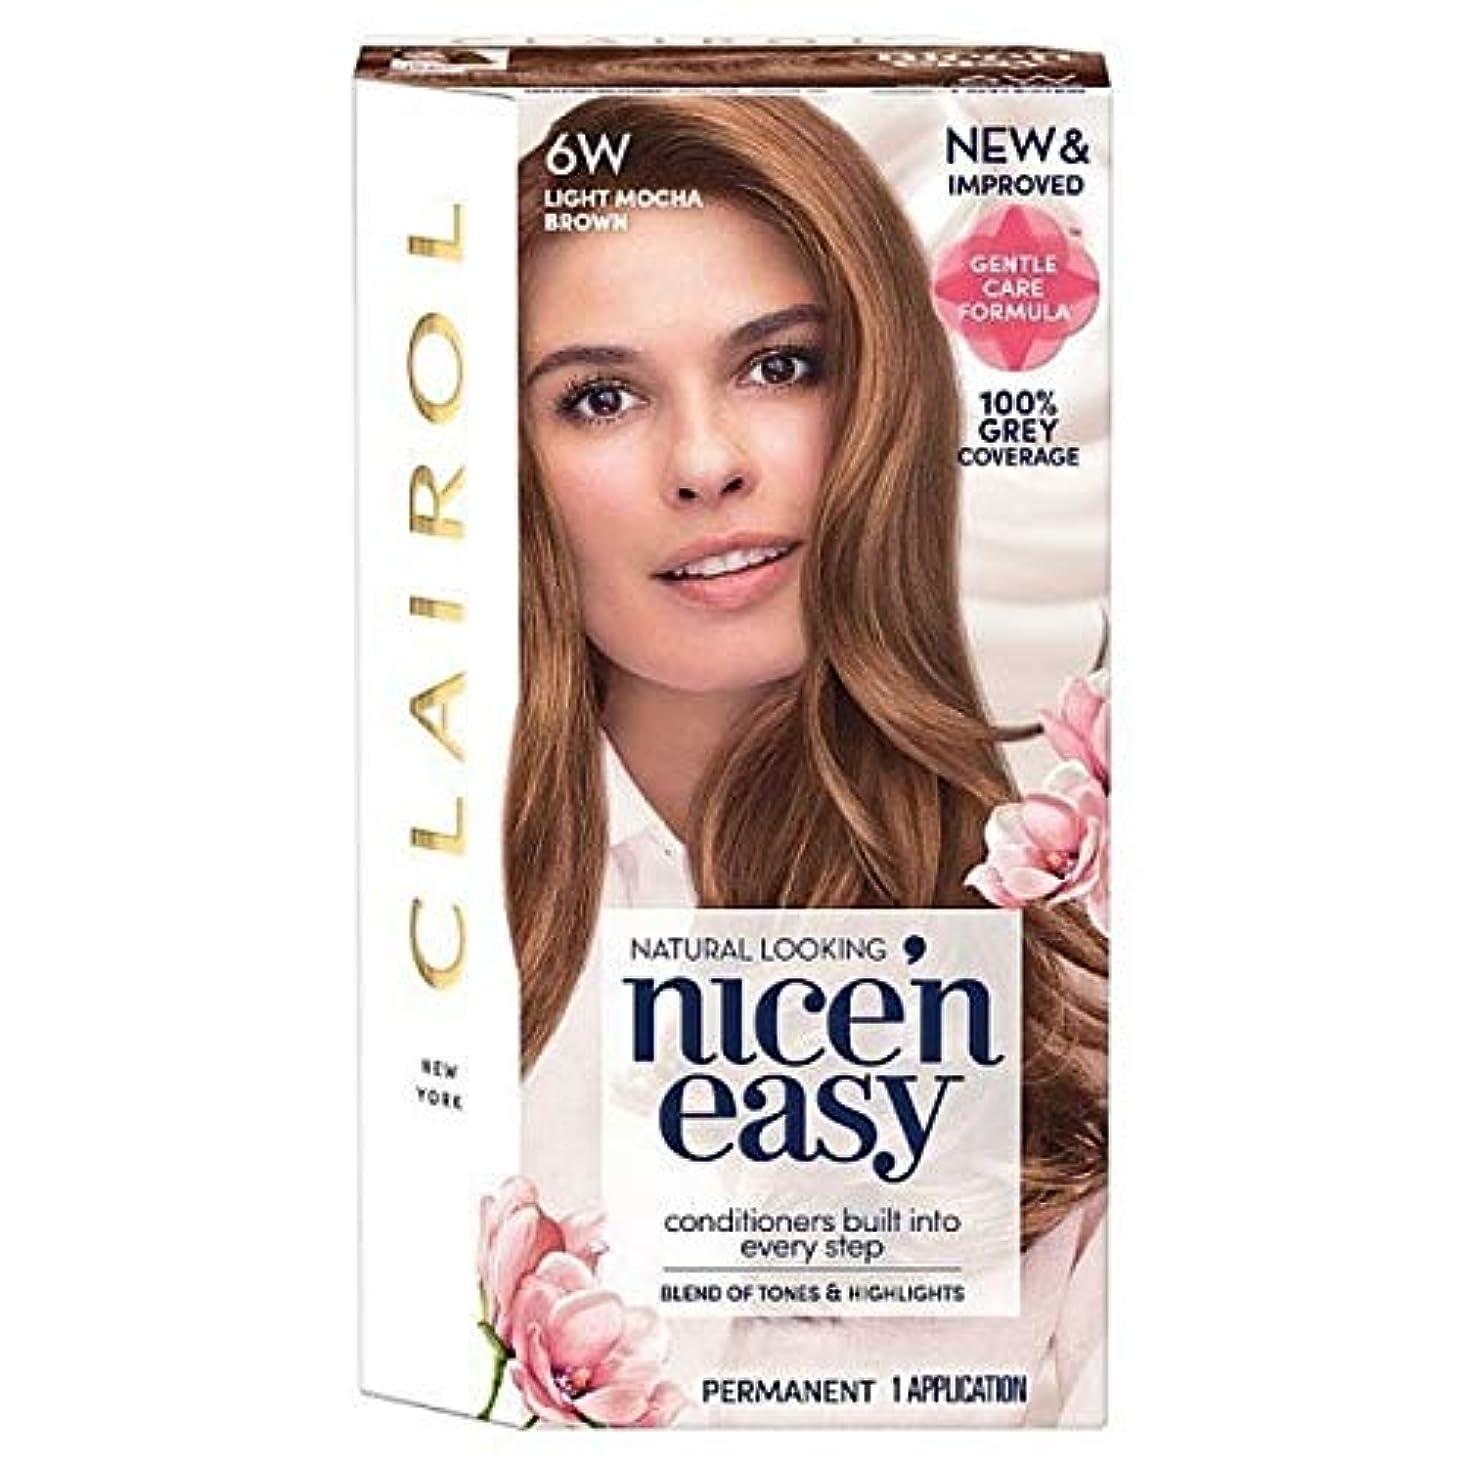 値するマナーリクルート[Nice'n Easy] Nice'N簡単に6ワットライトモカブラウン - Nice'n Easy 6W Light Mocha Brown [並行輸入品]